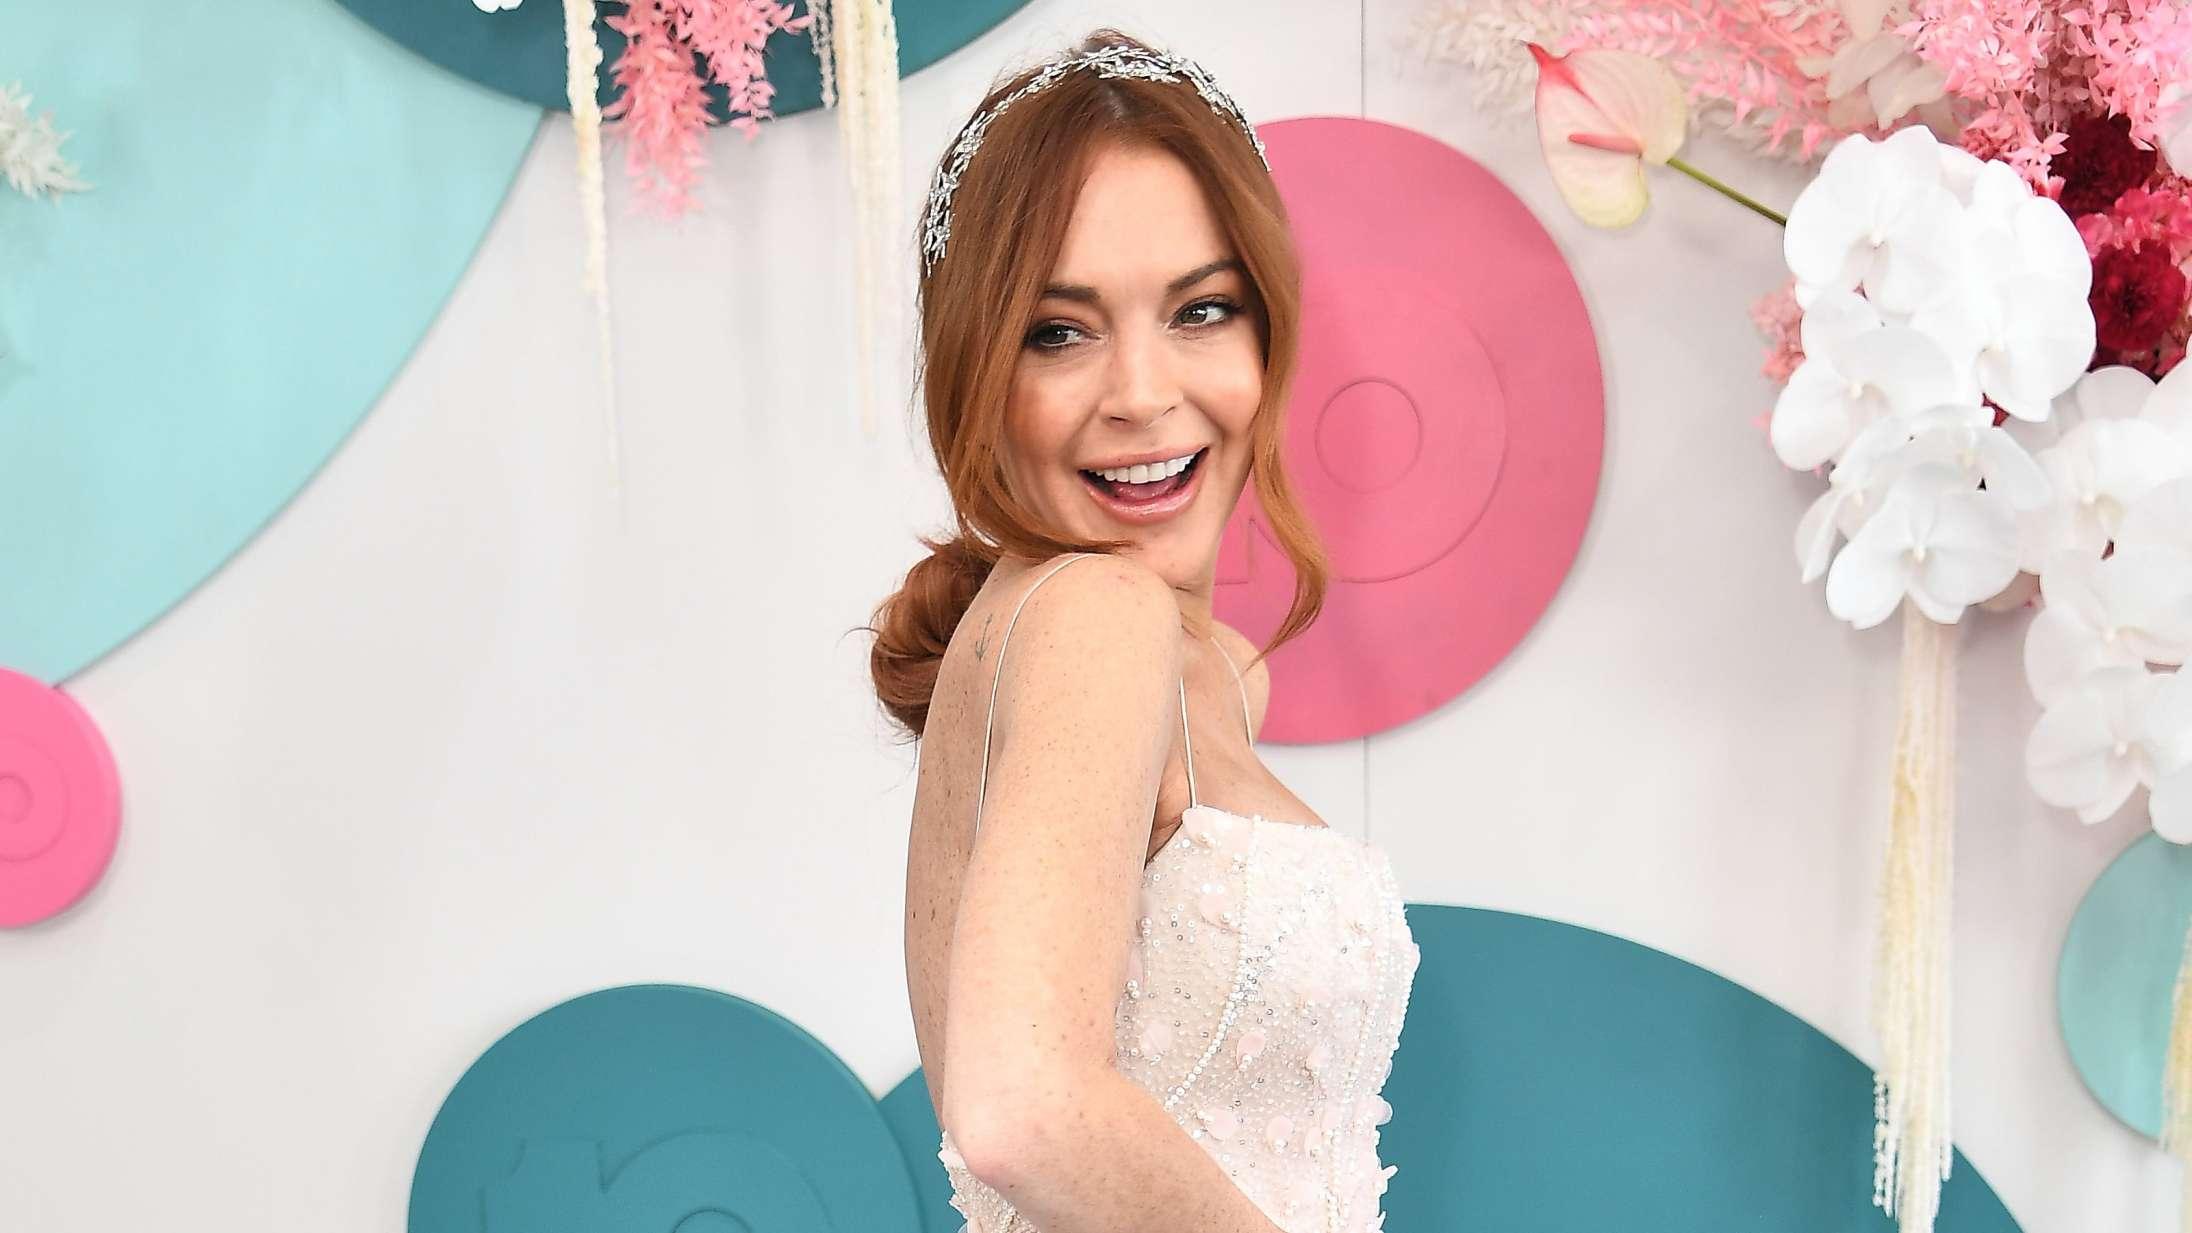 Falmede stjerner som Lindsay Lohan og Snoop Dogg tjener tykt på populær fanservice